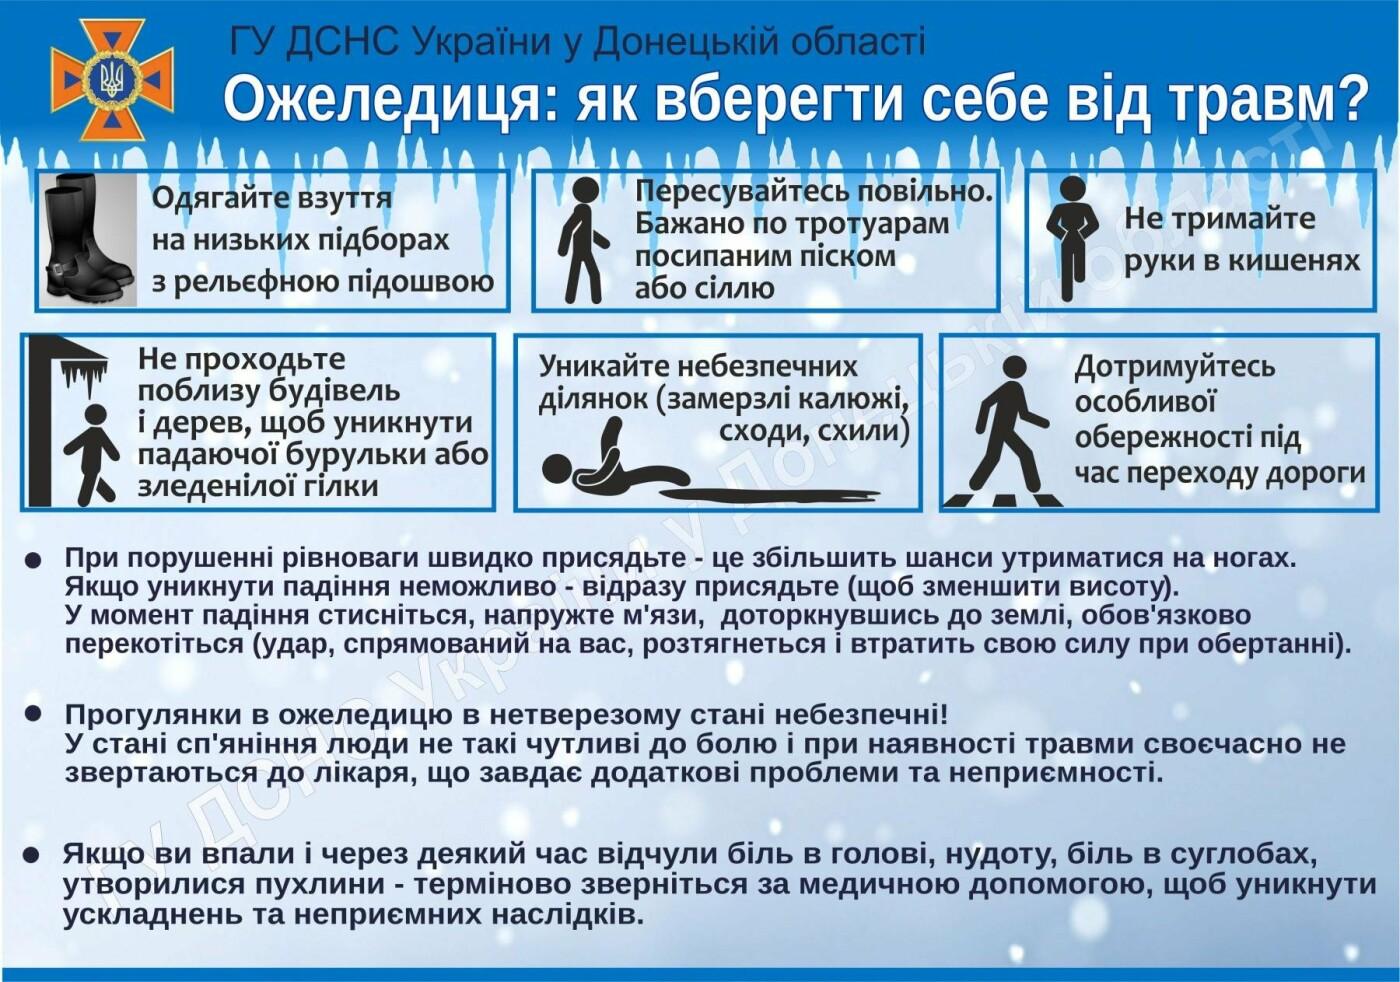 Мешканців Донеччини попереджають про ожеледицю, фото-2